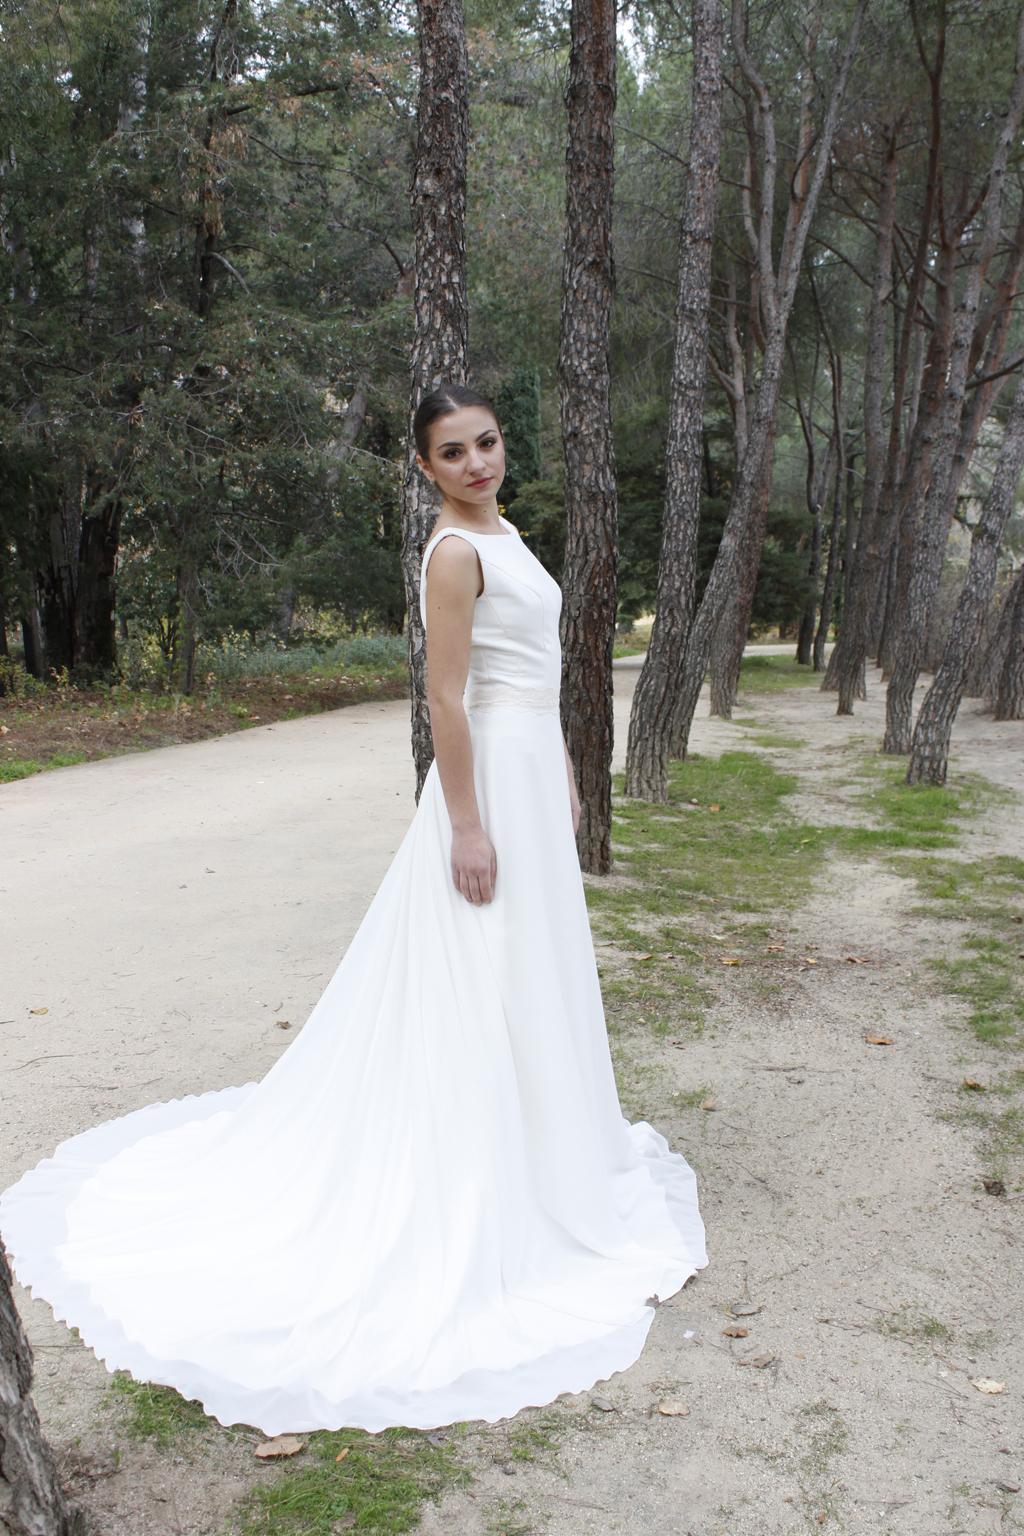 traje entero de novia navar -masum karimi